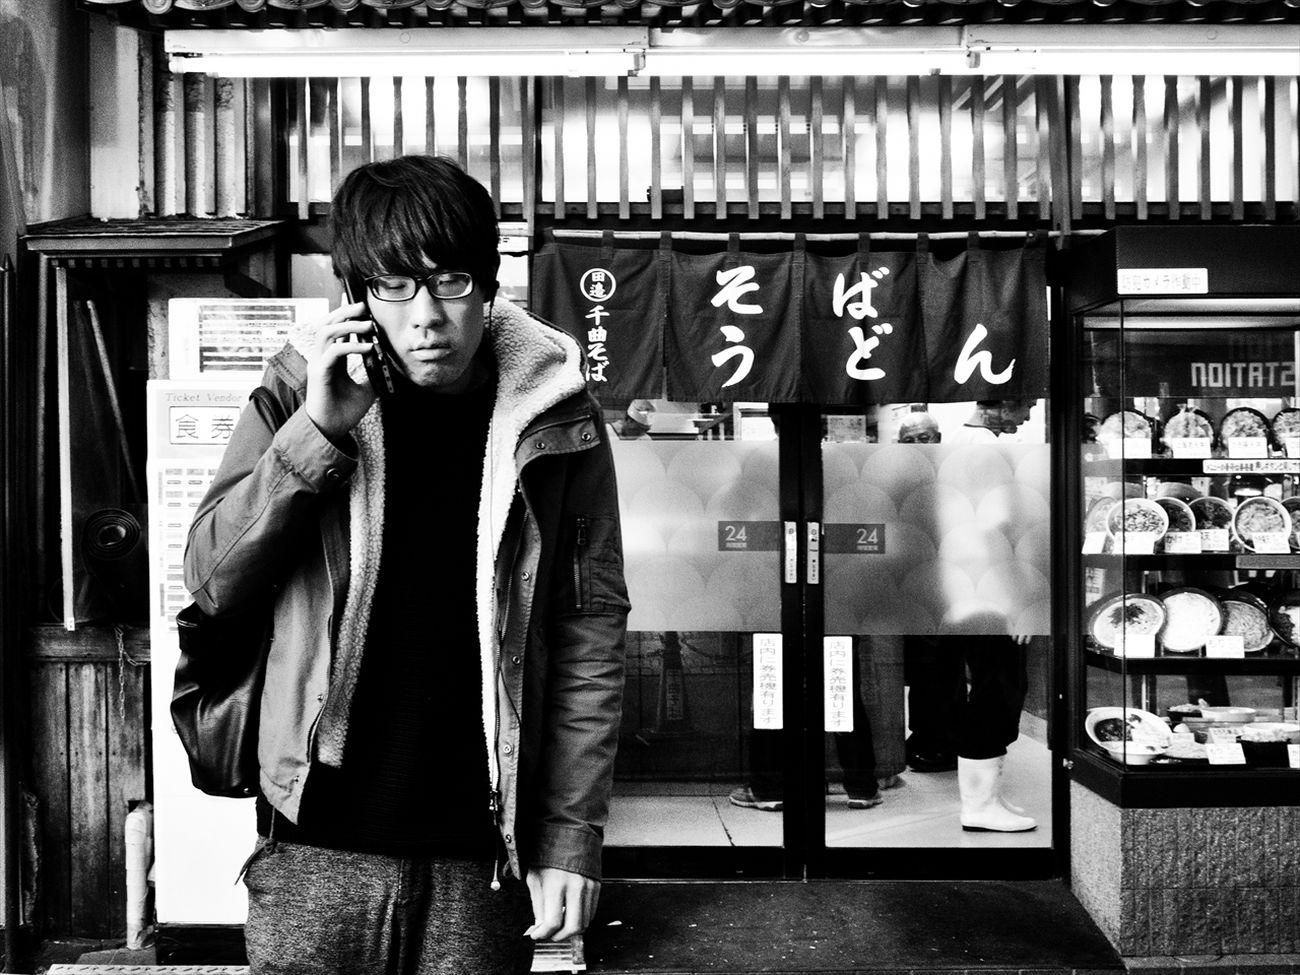 トーキョー・ブルース ~Tokyo Blues~ 新宿 Shinjyuku #3 Shibuya SHINJYUKU Sting_the_street Street Street Photography Streetphoto Streetphoto_bw Streetphotographer Streetphotographers Streetphotography Streetphotography_bw Tokyo Tokyo Street Photography Tokyo,Japan